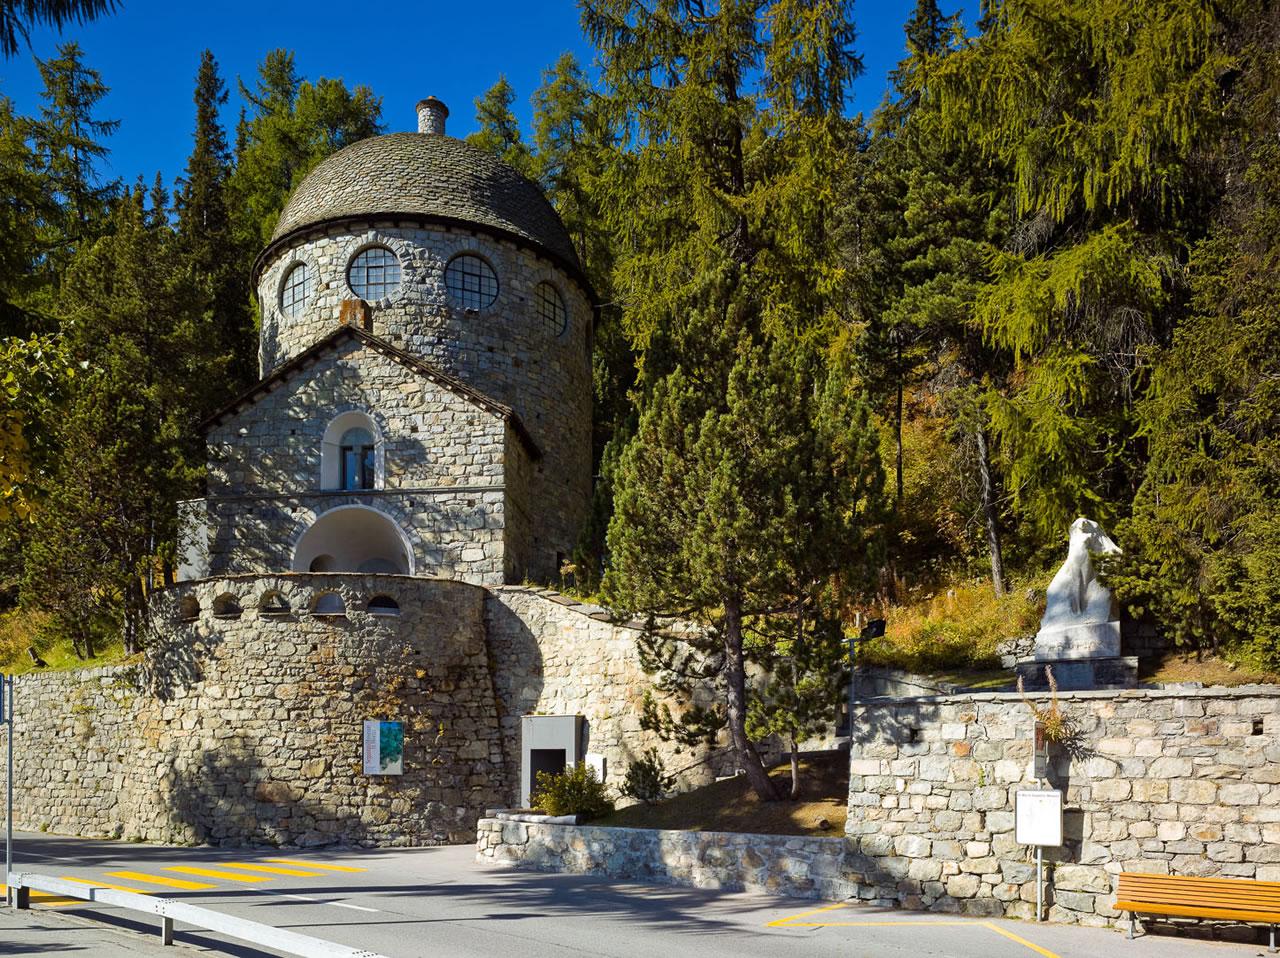 The-Segantini-Museum-St-Moritz-13